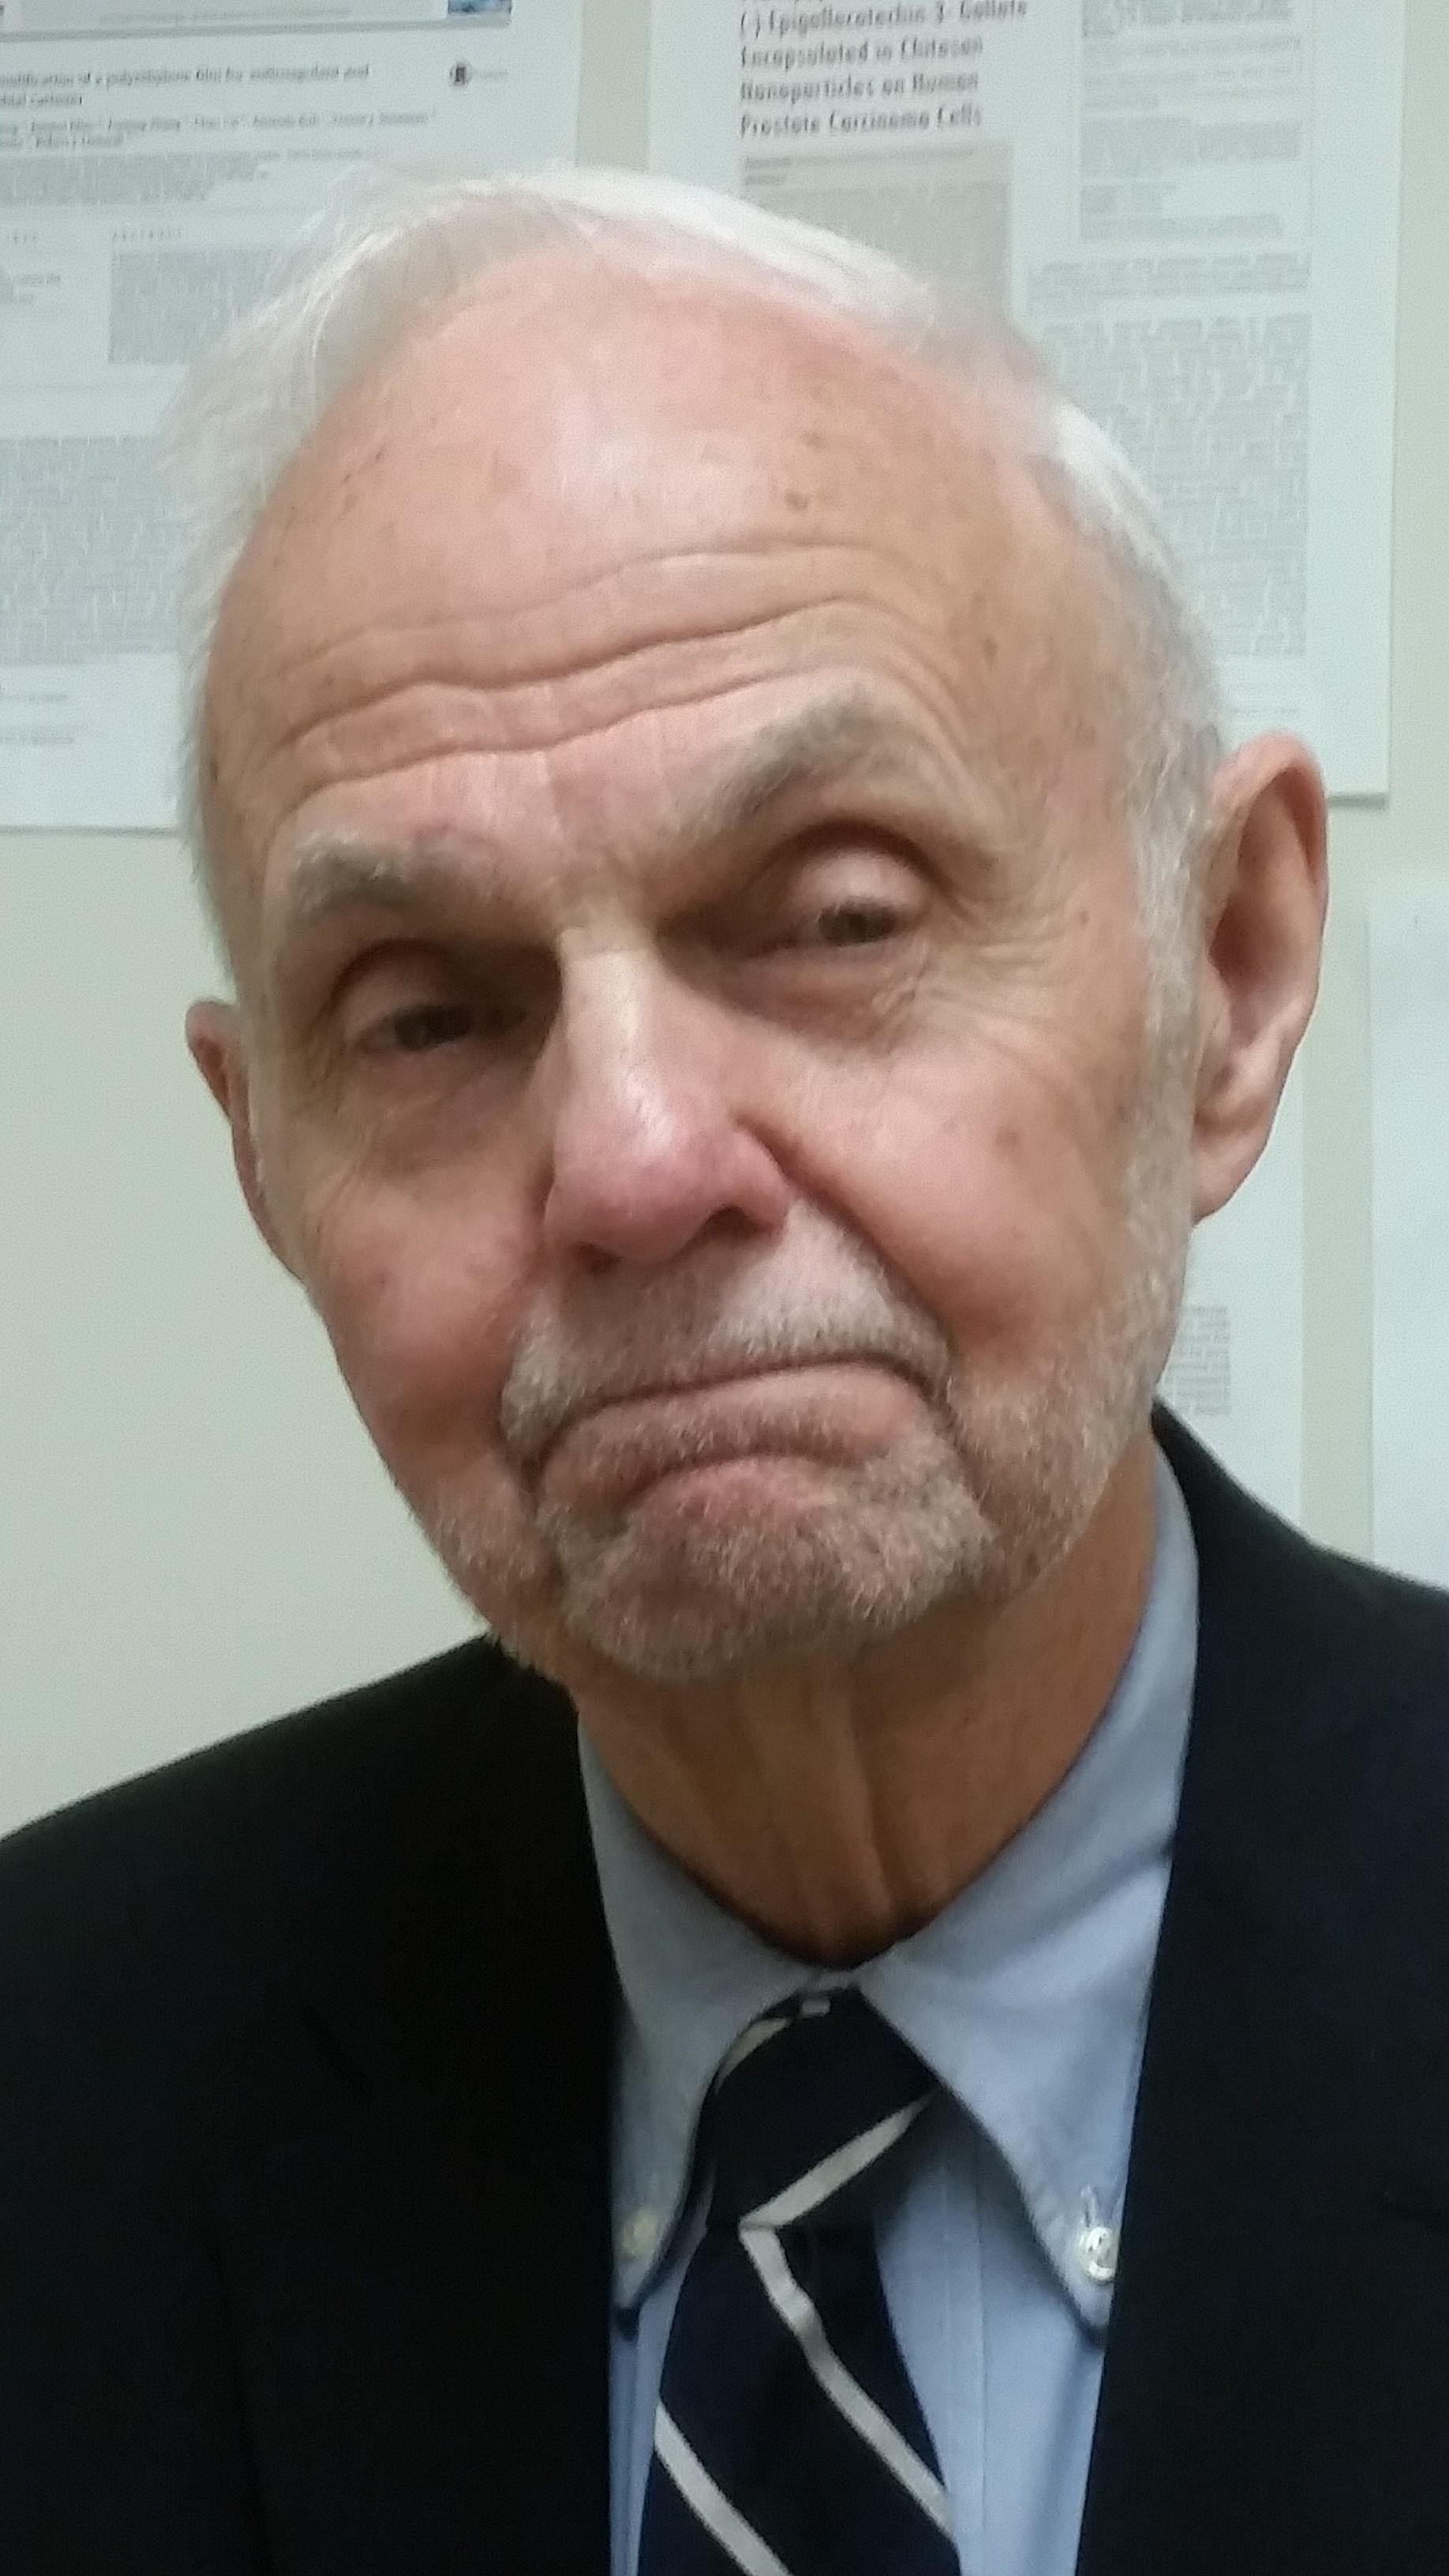 PaulJ.Davis